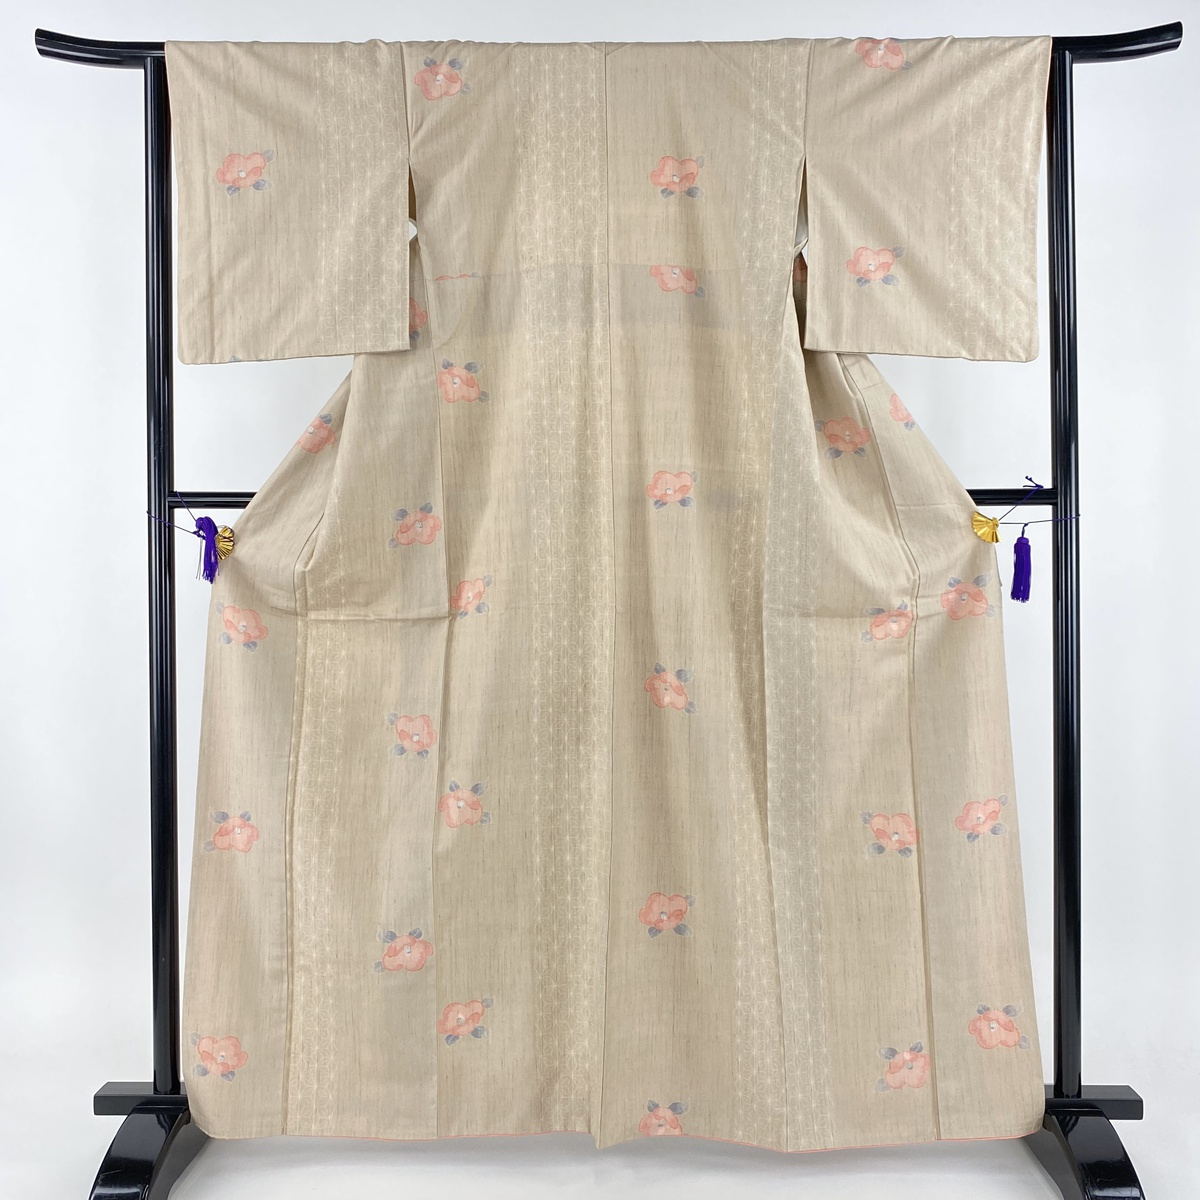 紬 美品 秀品 椿 麻の葉 薄茶色 袷 身丈163cm 裄丈63.5cm S 正絹 【中古】